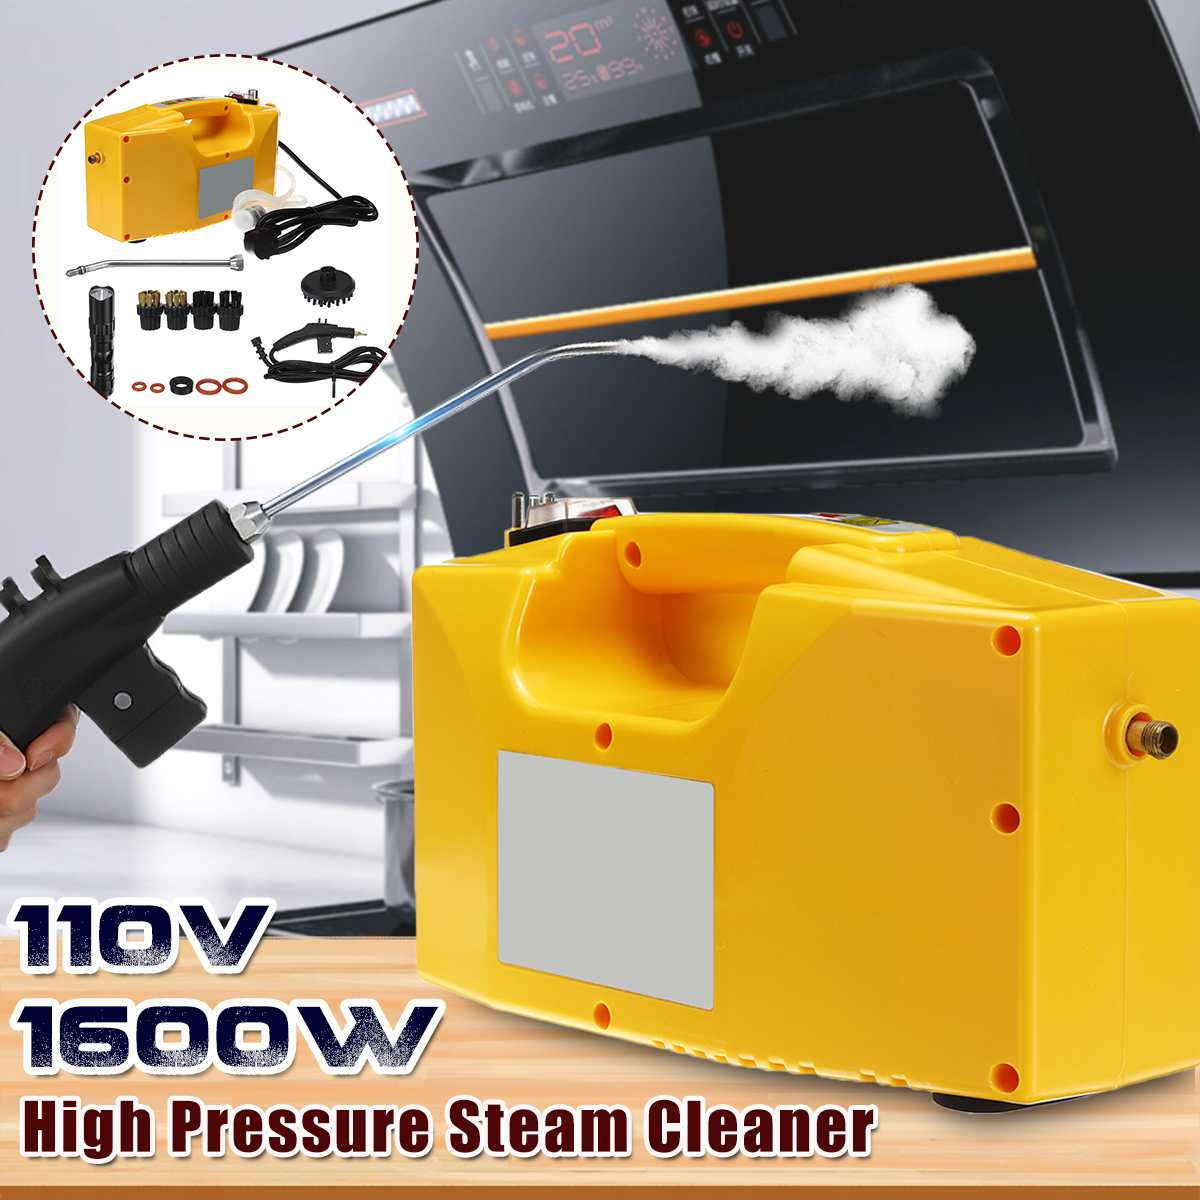 110В 1600 Вт пароочиститель высокого давления бытовой высокотемпературный пароочиститель кухонная стерилизация дезинфицирующее средство